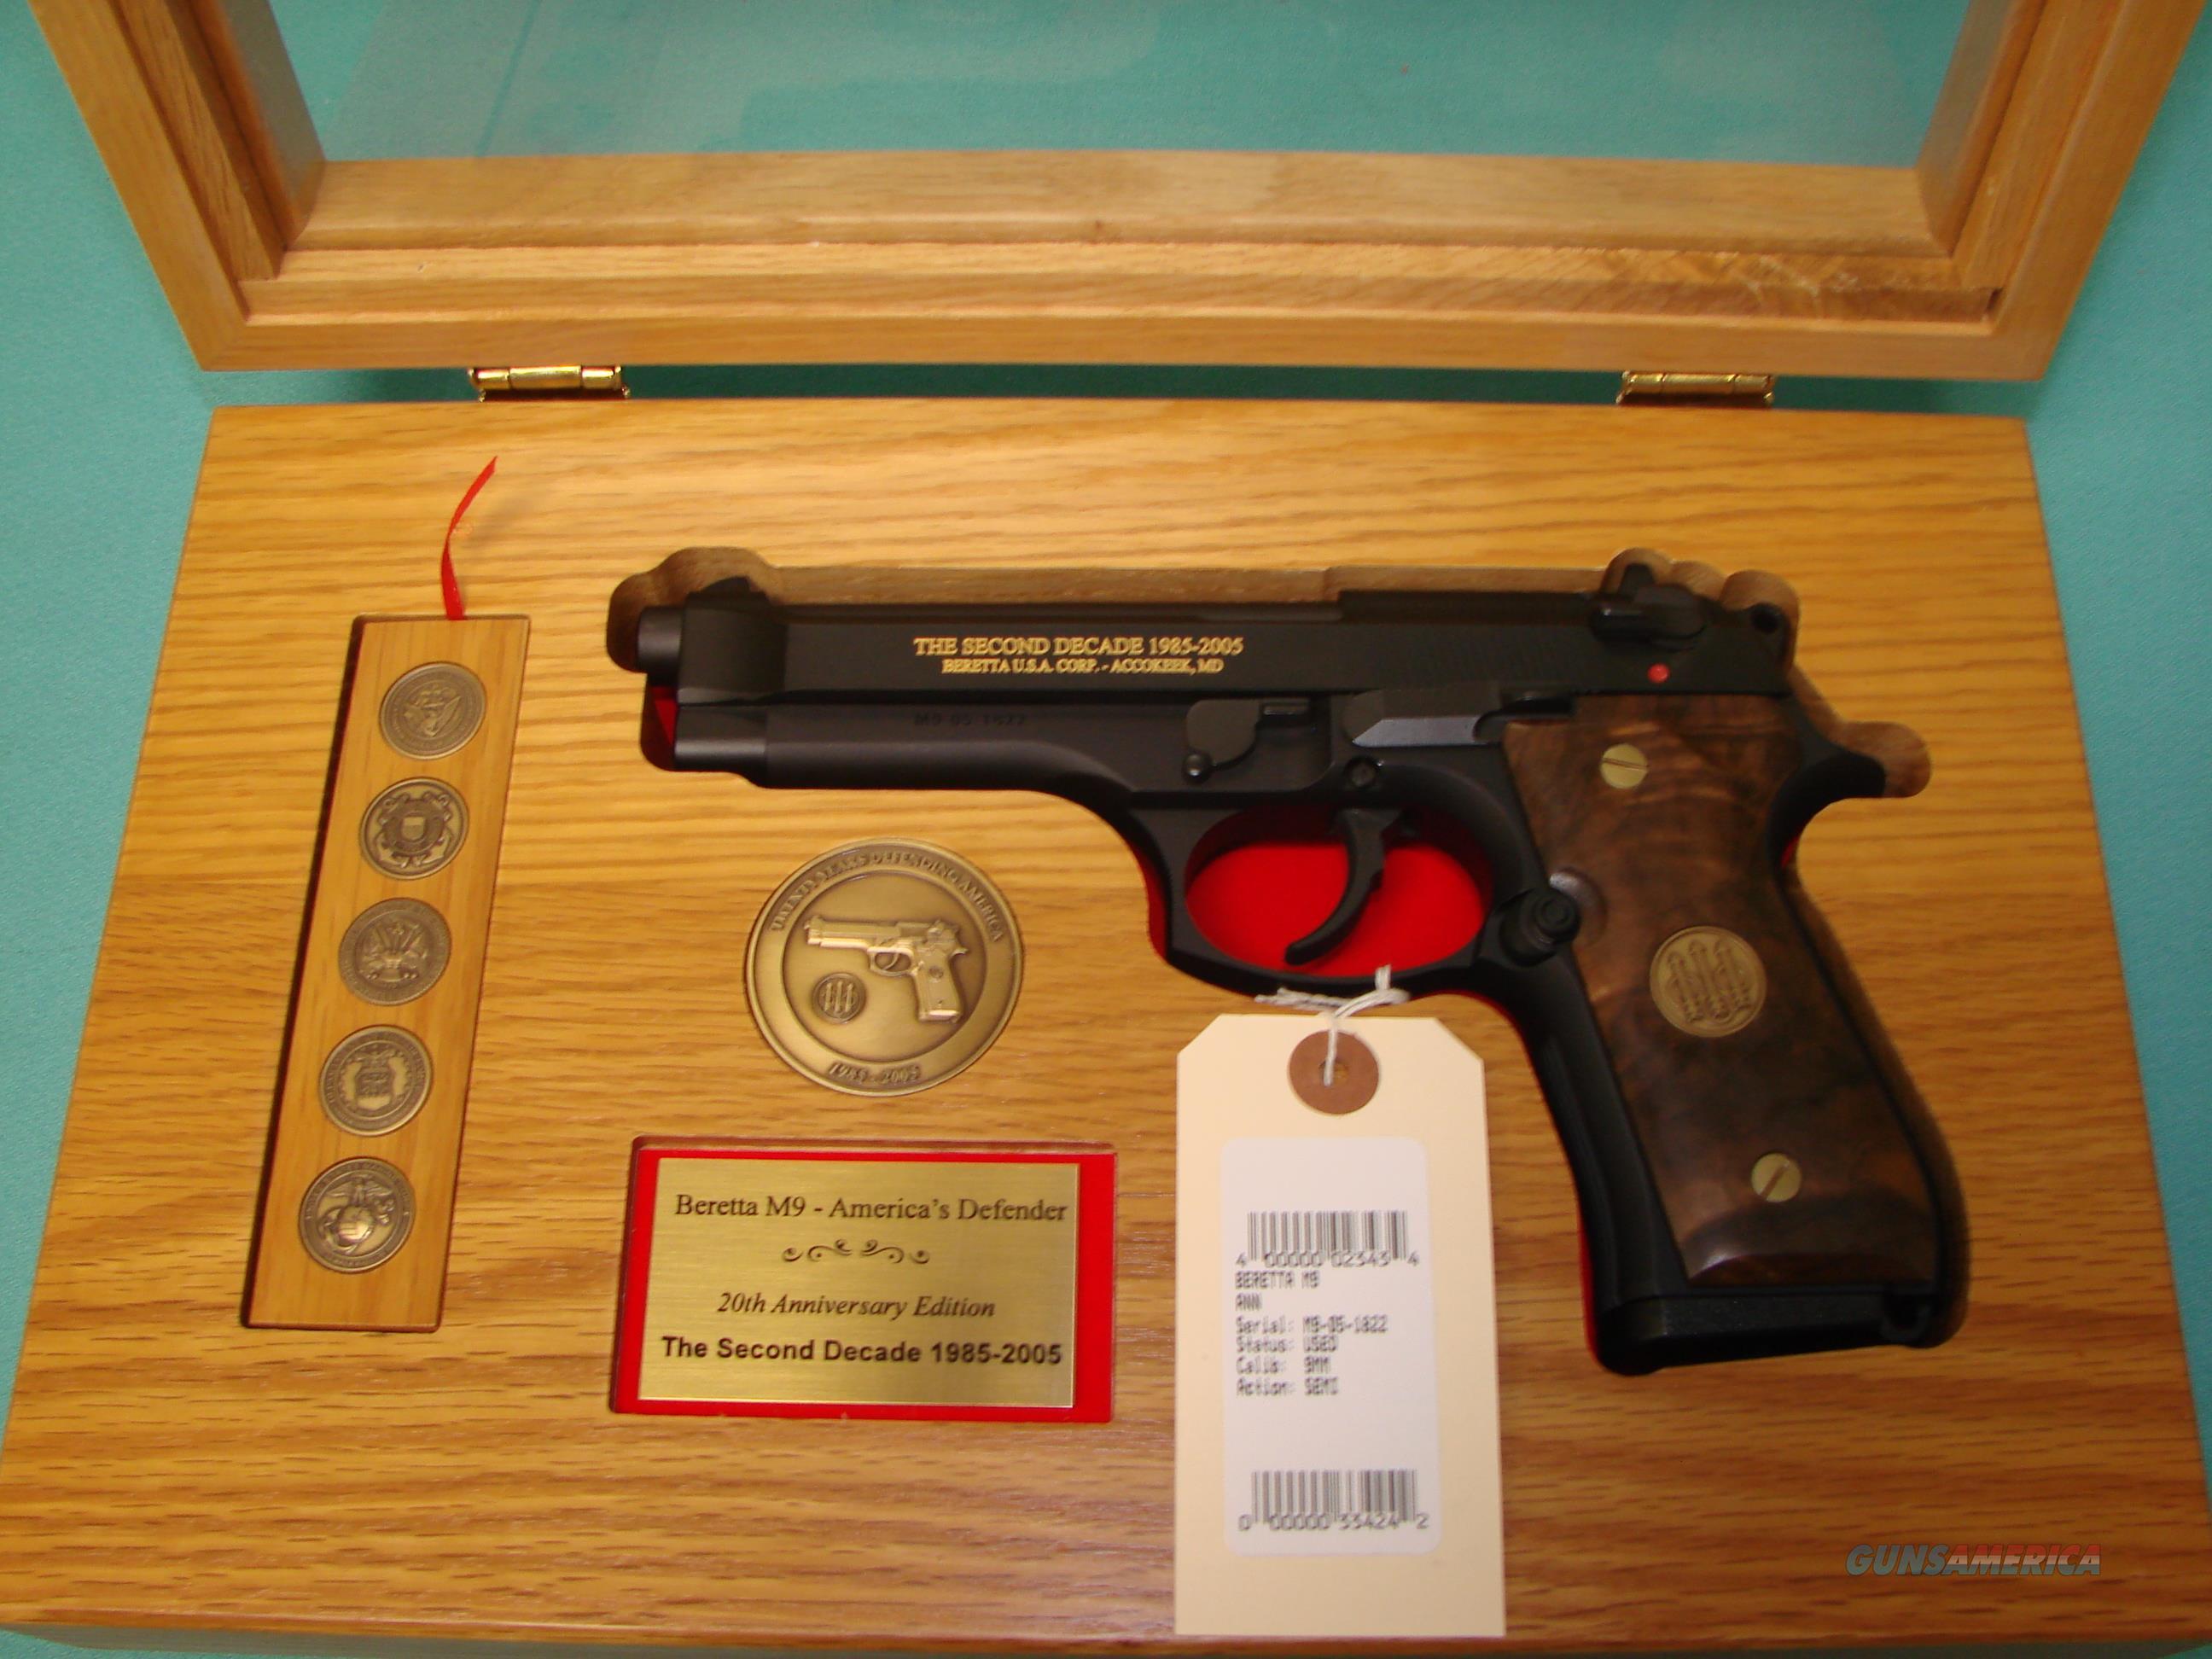 Beretta M9 2nd Decade  Guns > Pistols > Beretta Pistols > M9